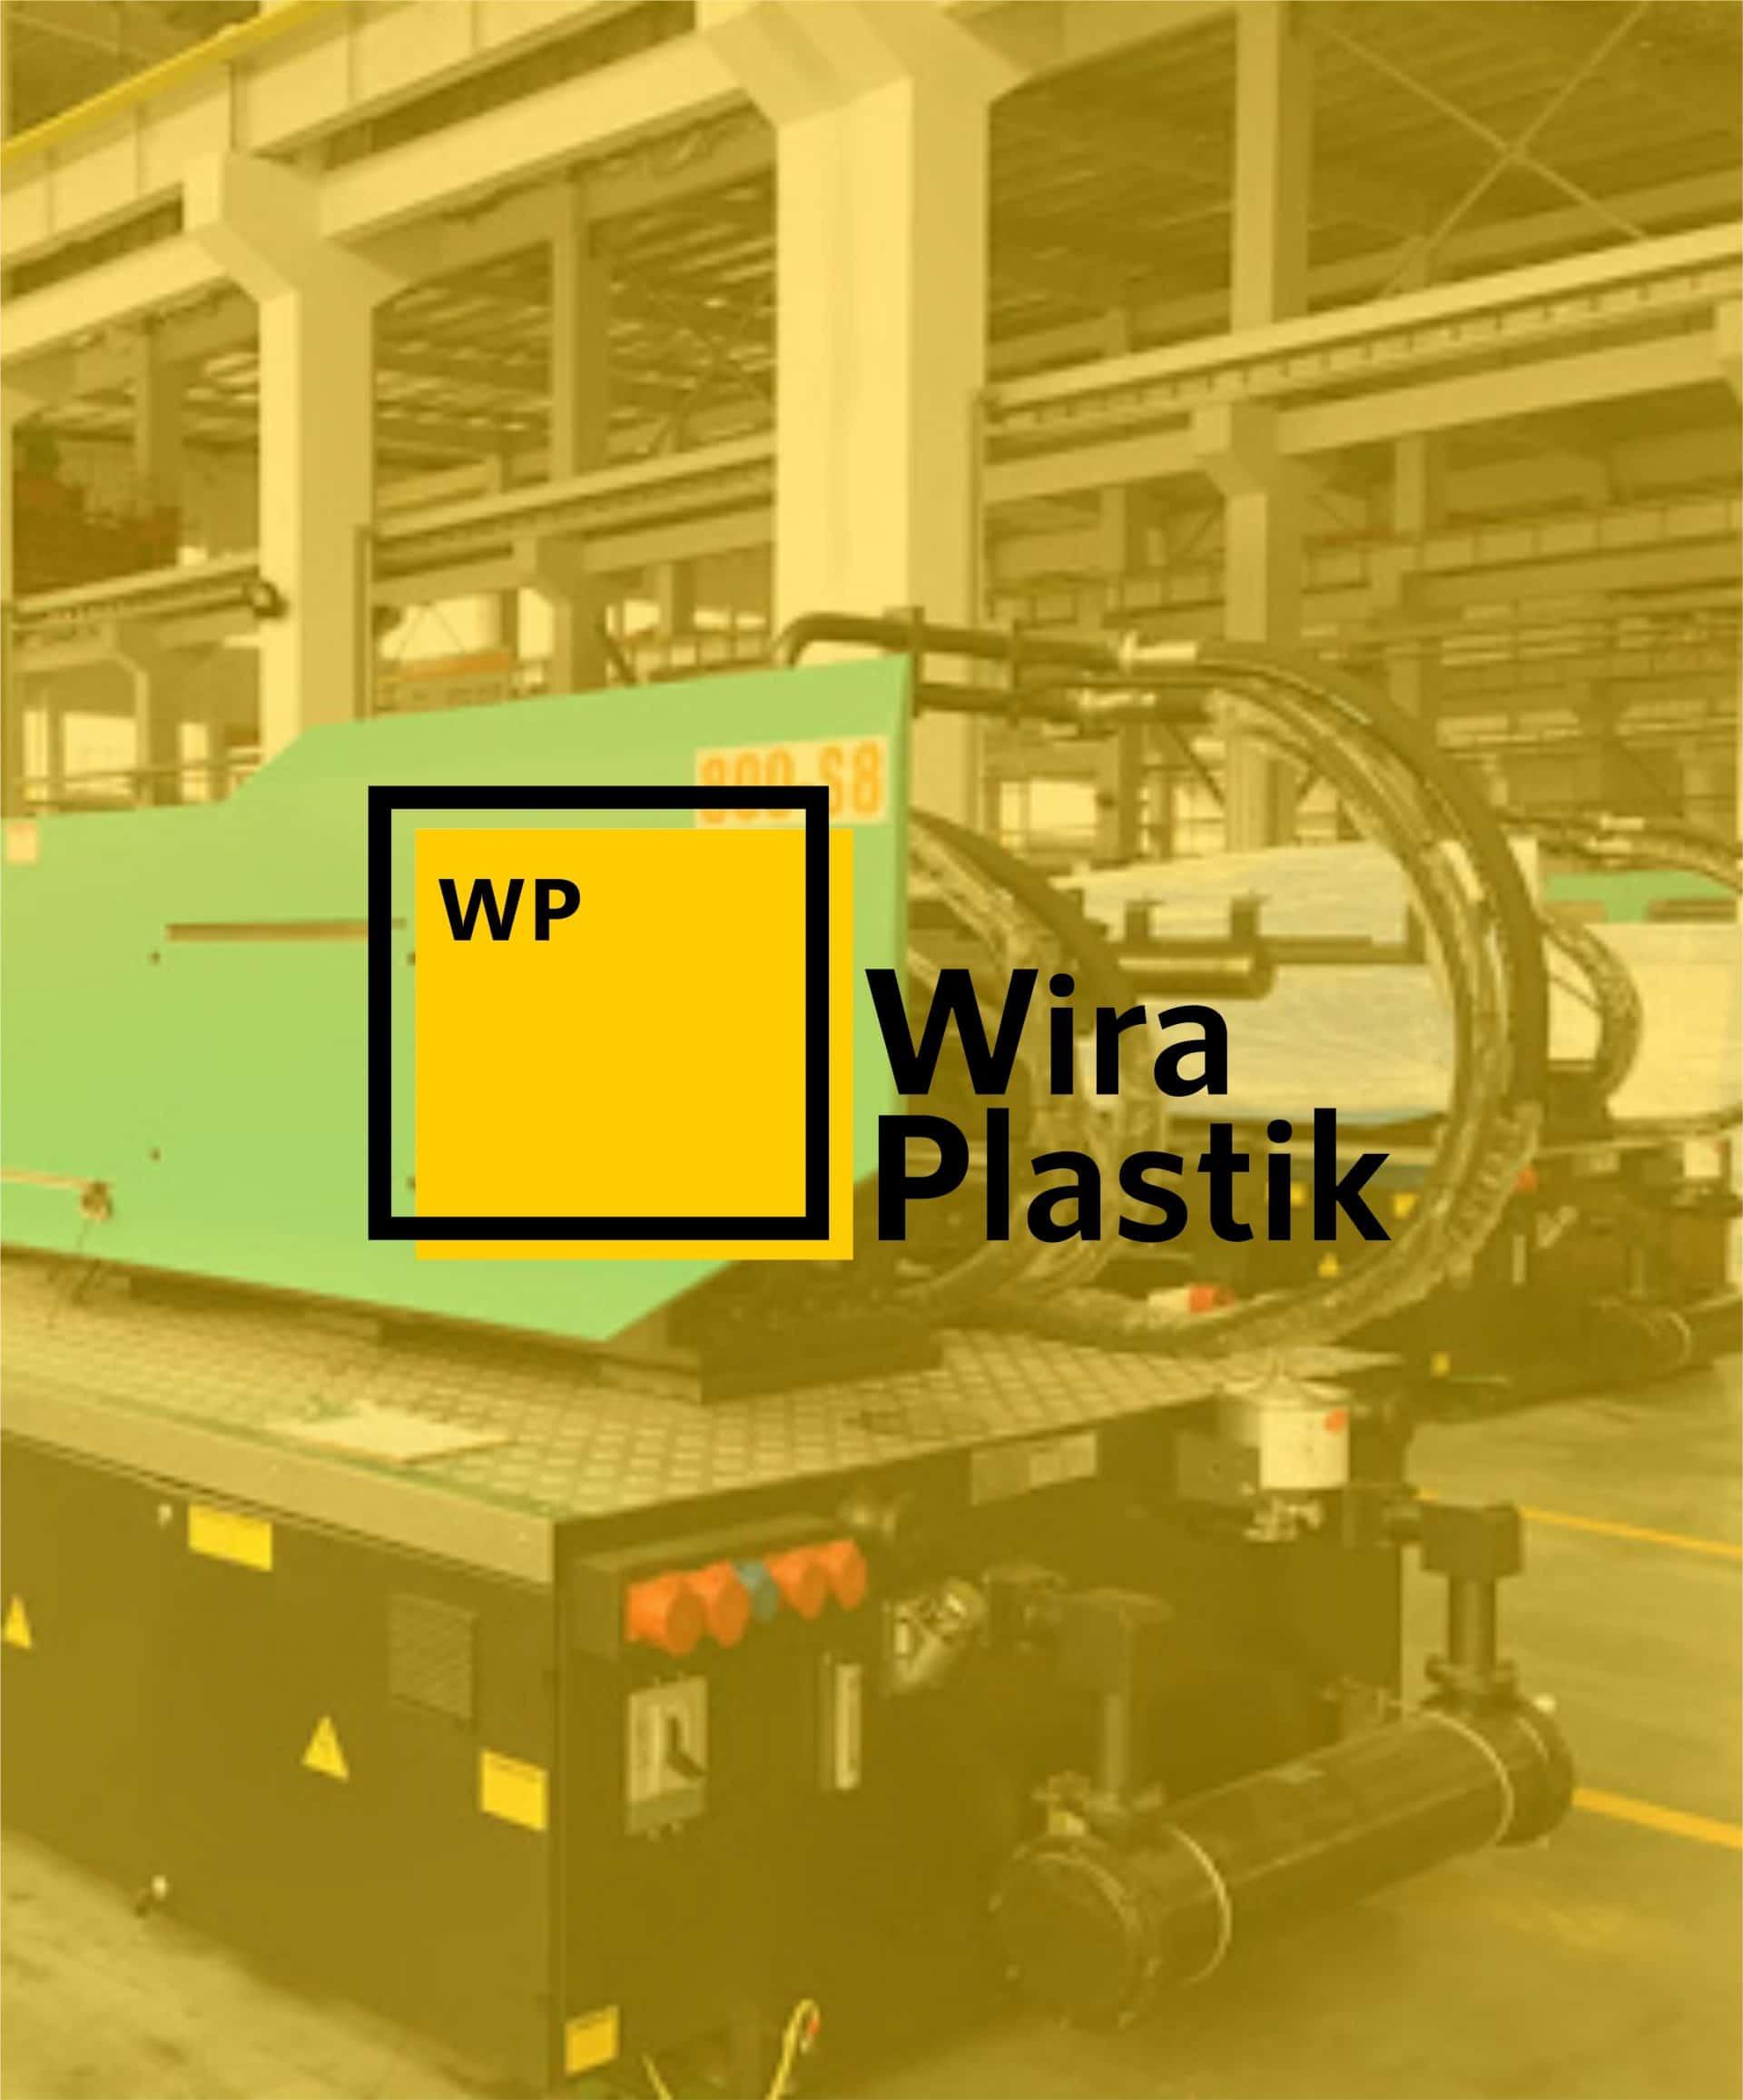 Wira Plastik